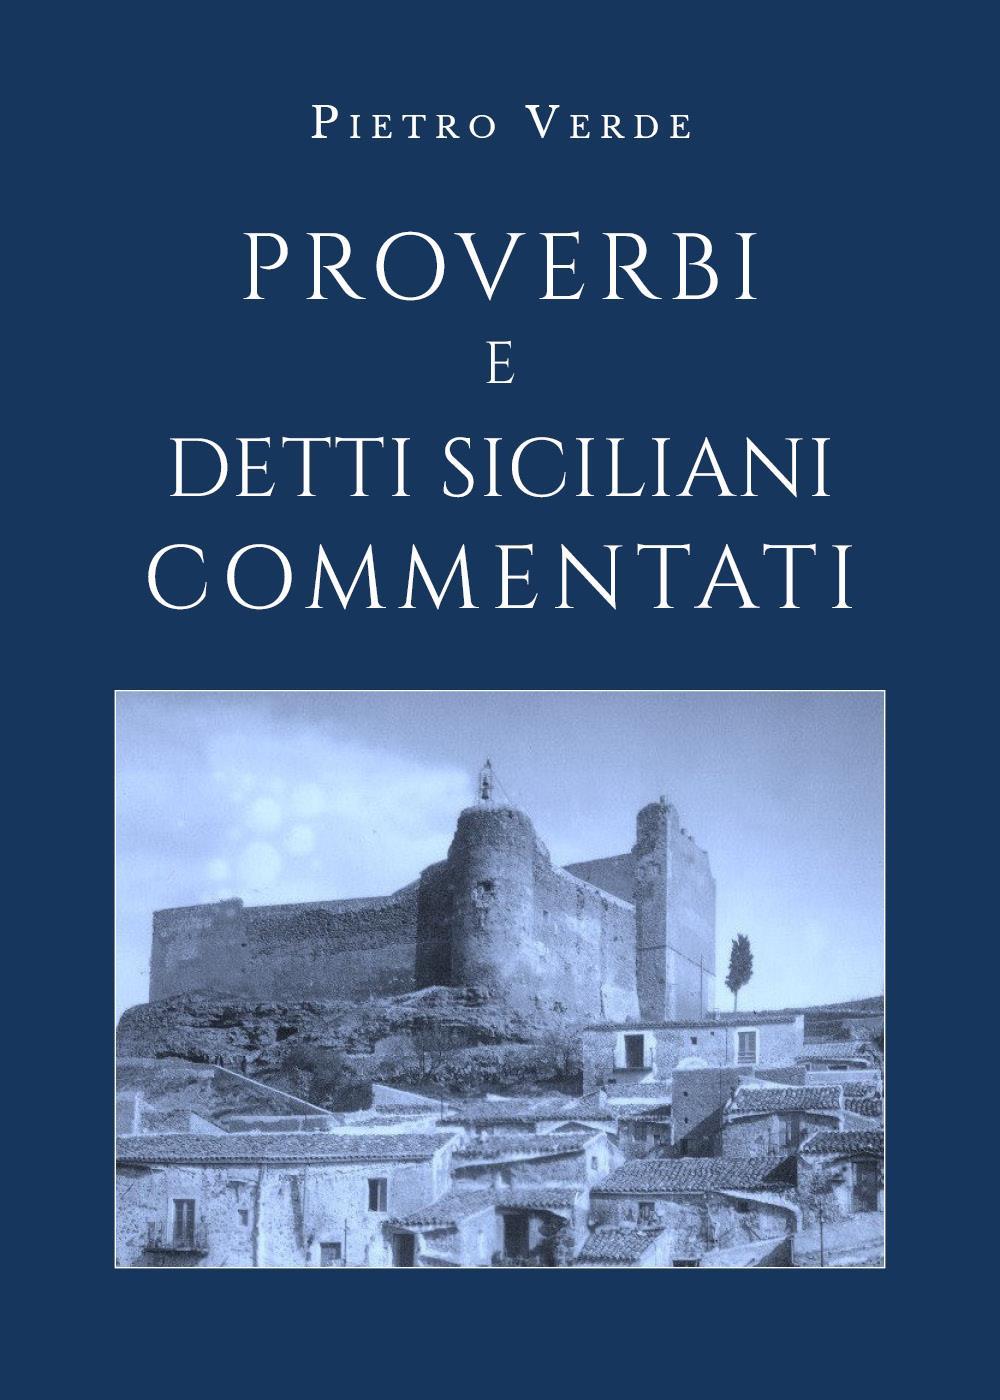 Proverbi e detti siciliani commentati